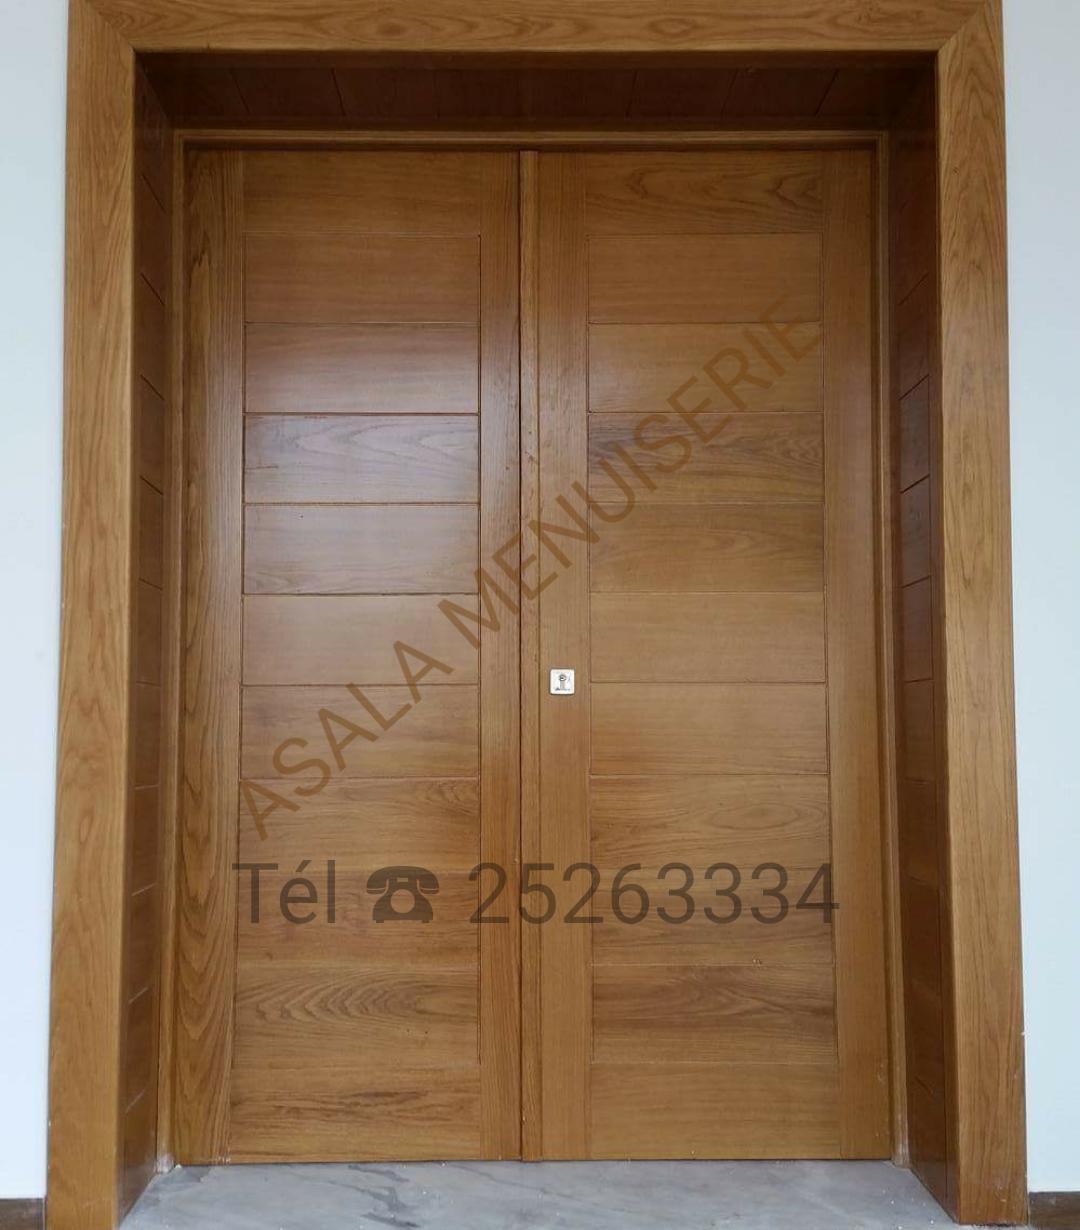 portes haute gamme meubles et dcoration en tunisie - Lit De Chambre En Bois Tunisie